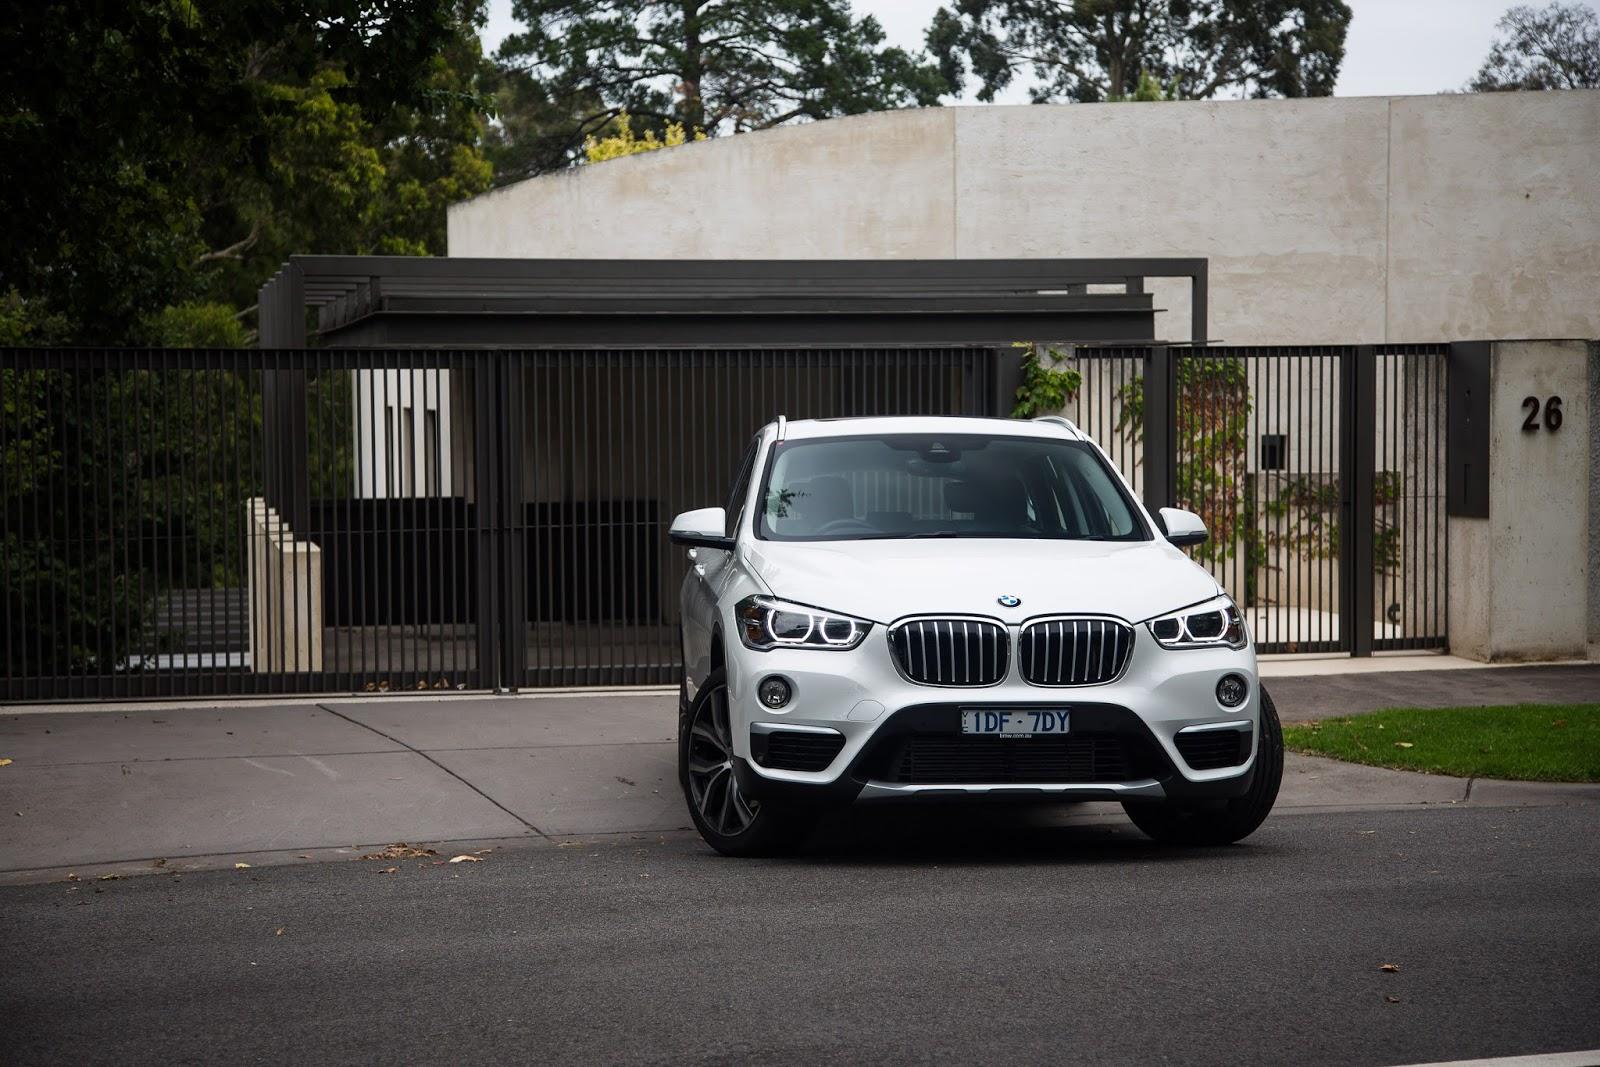 Đầu xe X1 đậm chất BMW và khá dịu dàng, thông minh